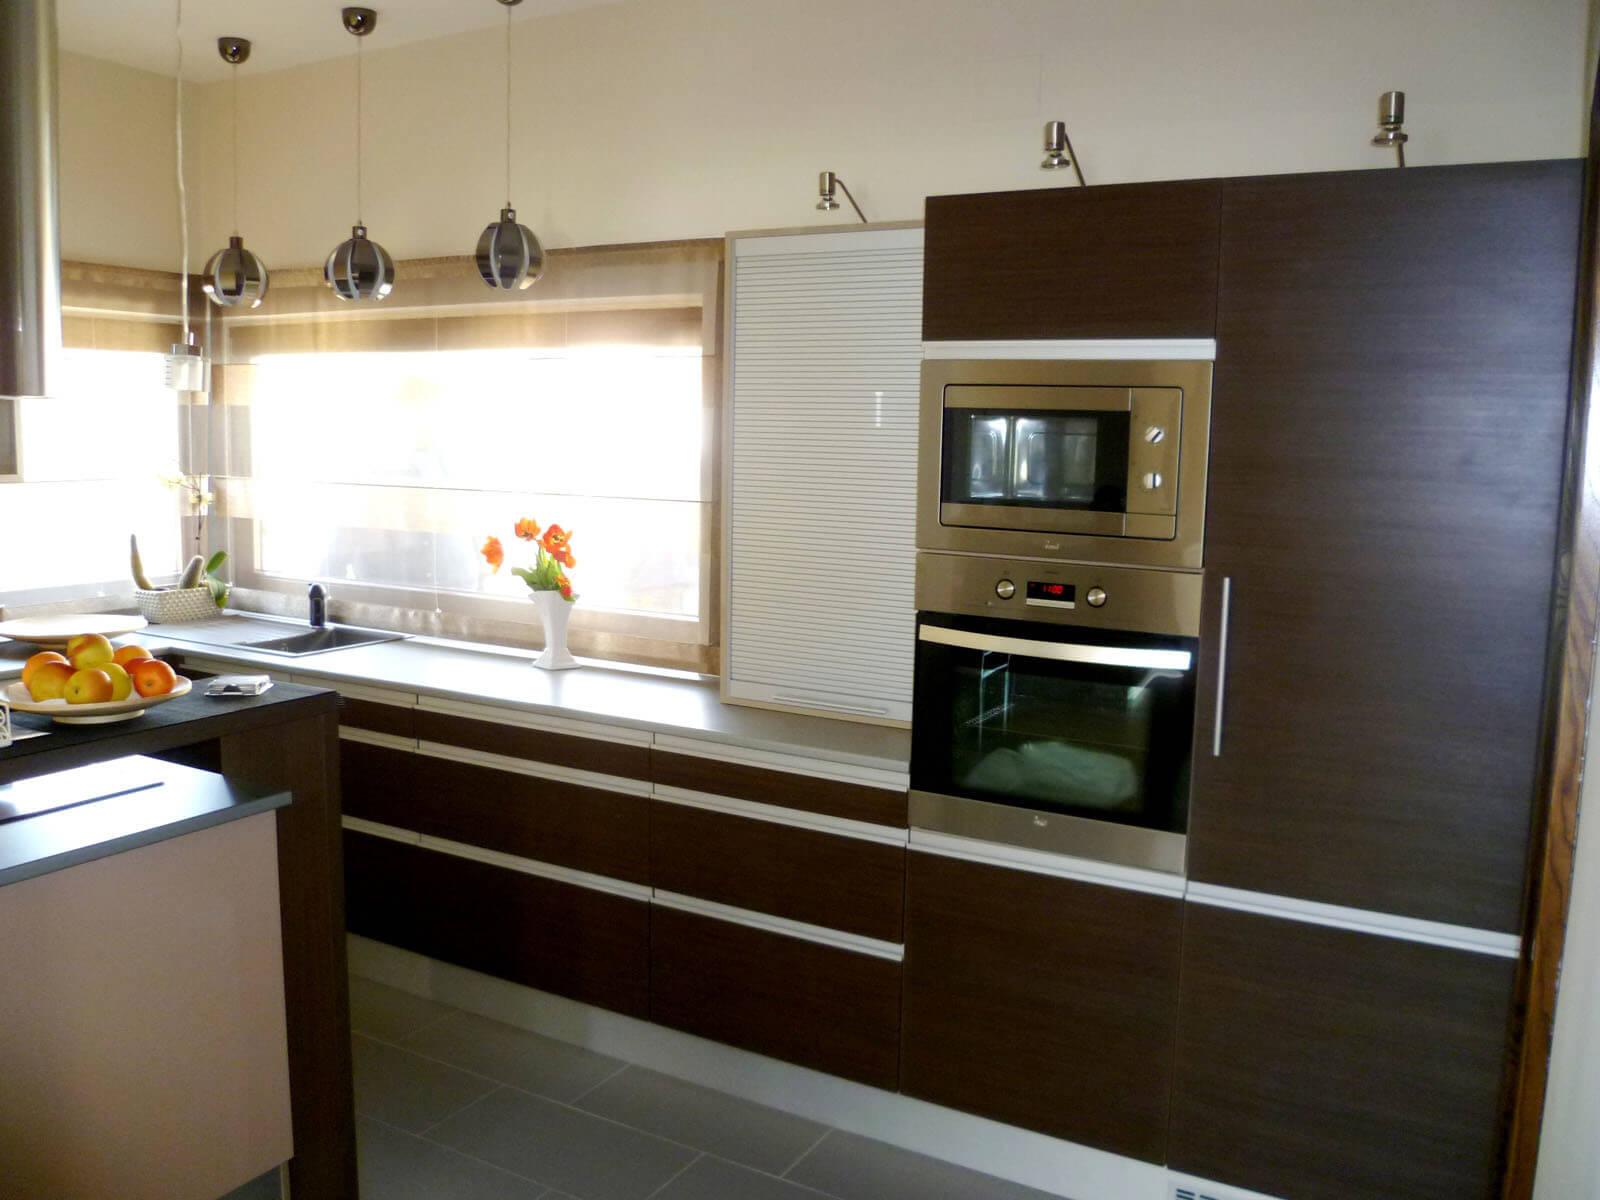 Modern design-konyhabútor woodline mokka színben, redőnyös elemmel, beépített sütő és mikróval